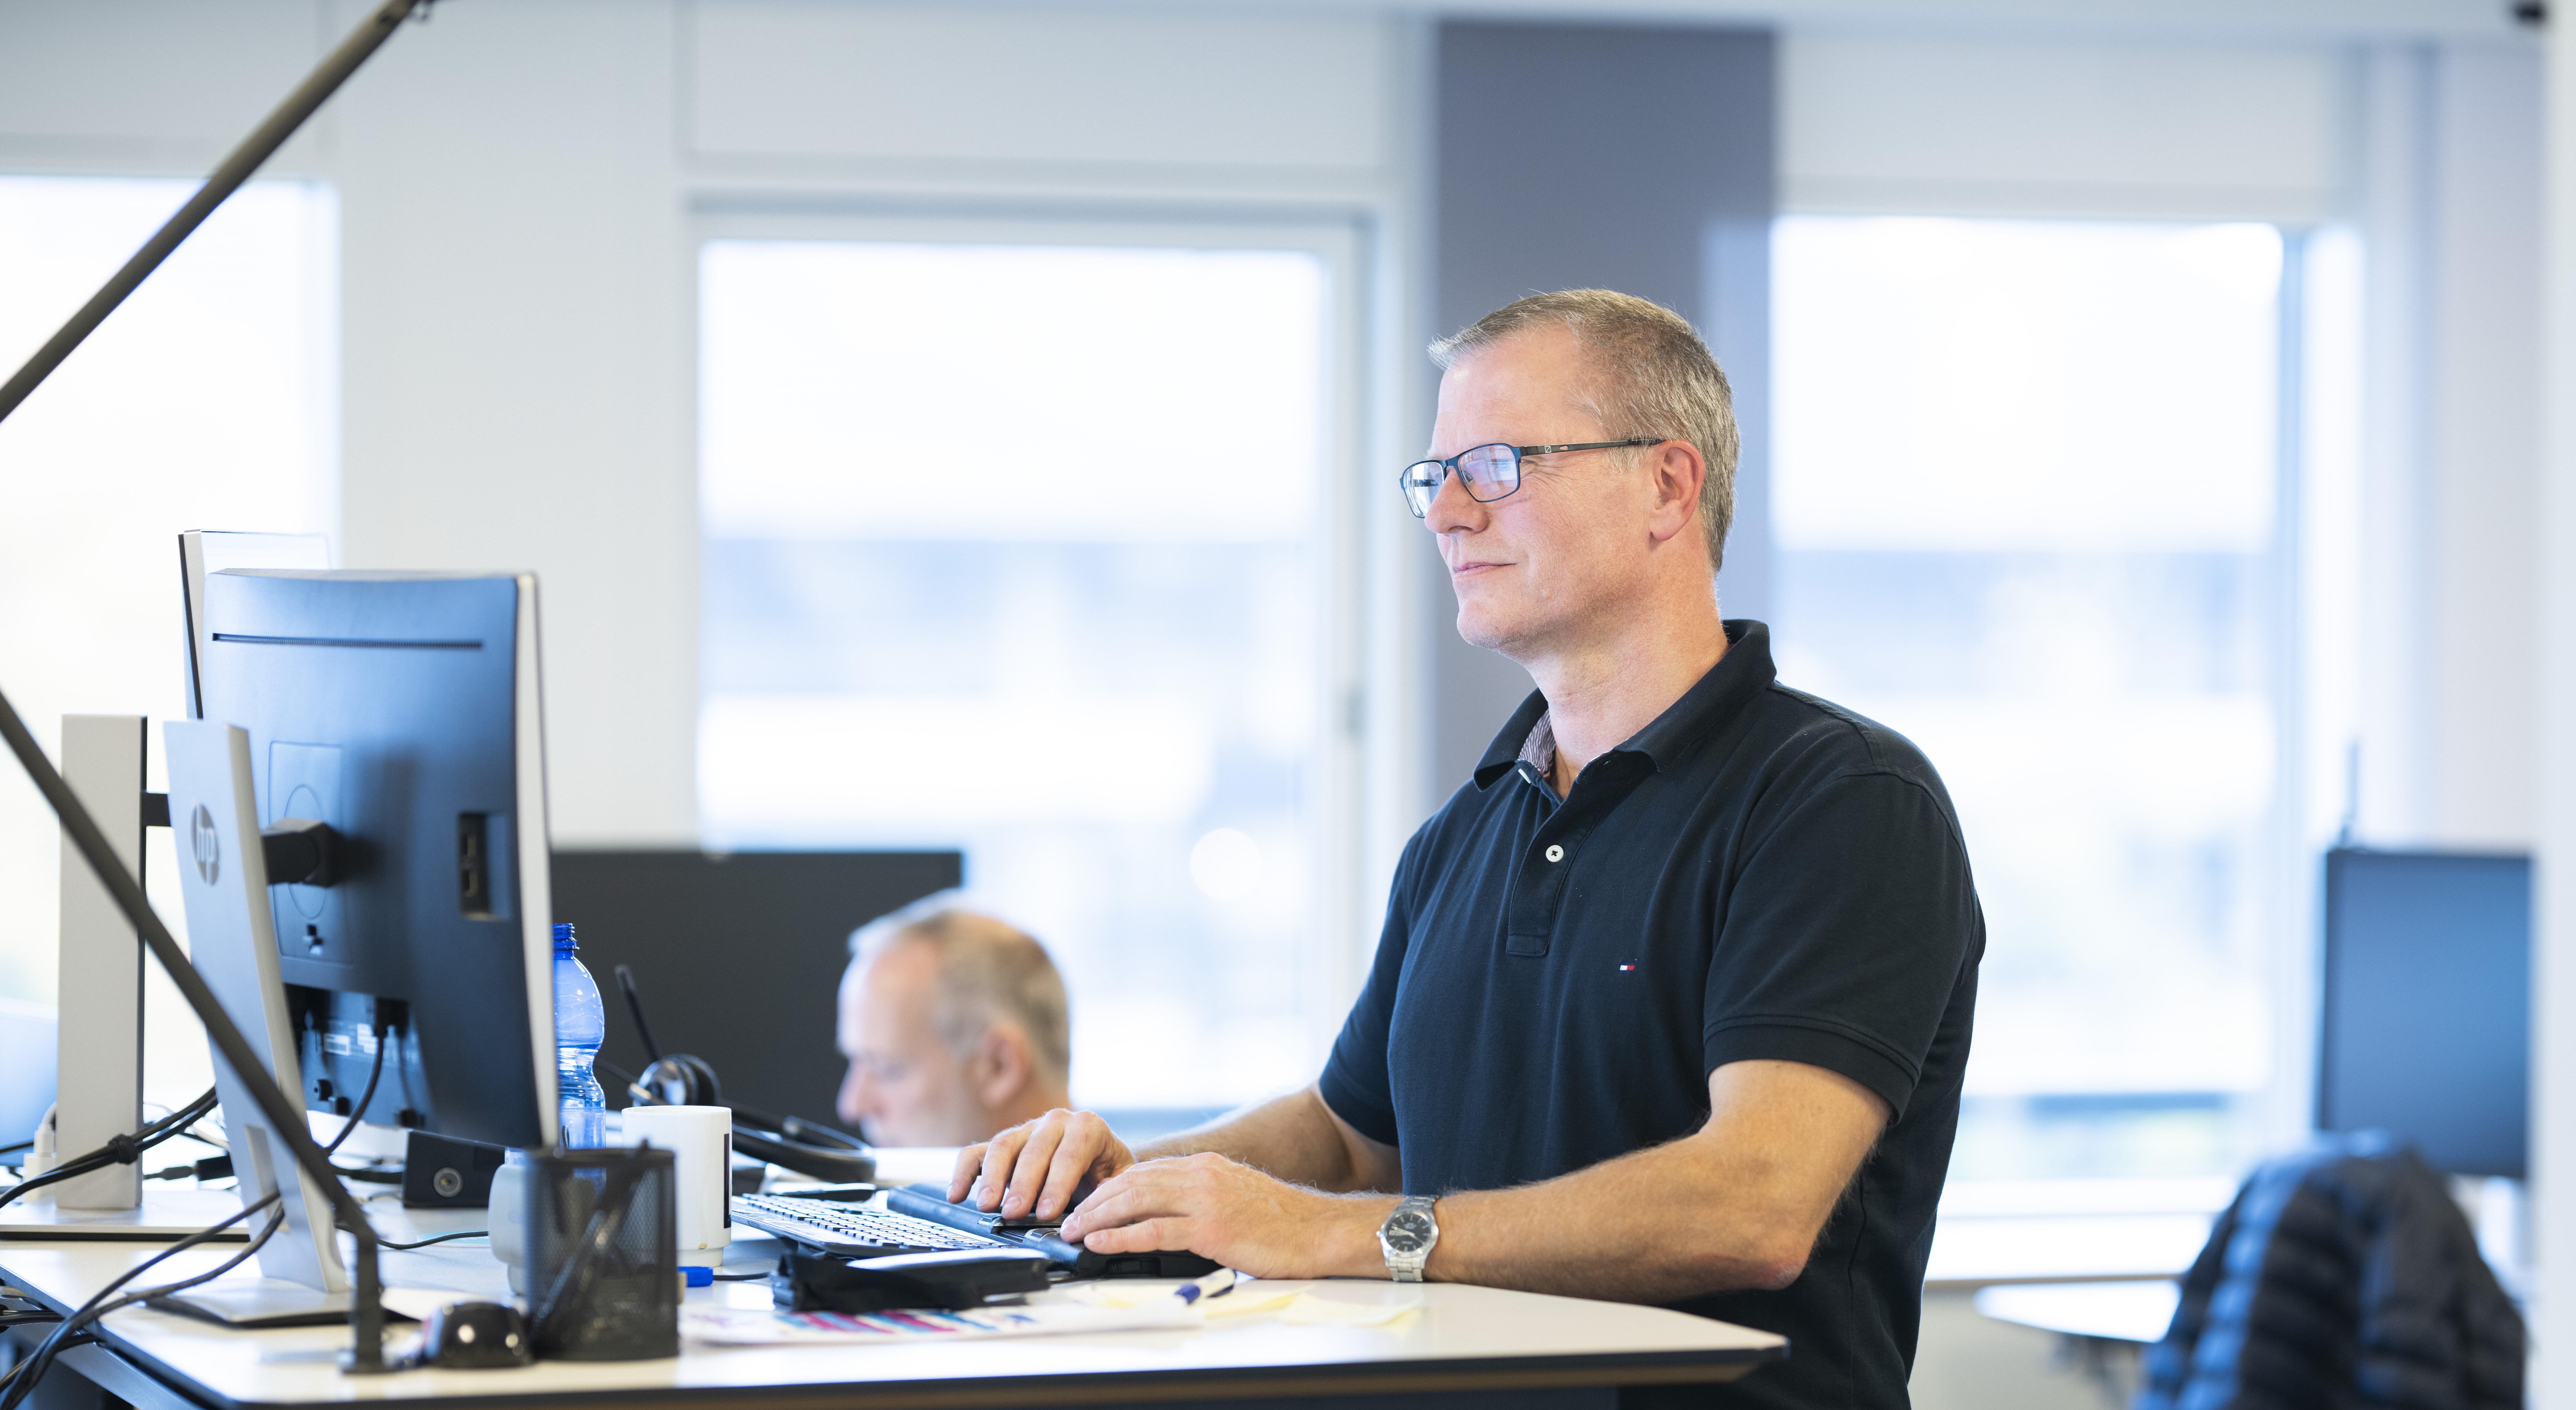 Prodata - Lars Hytting Christensen